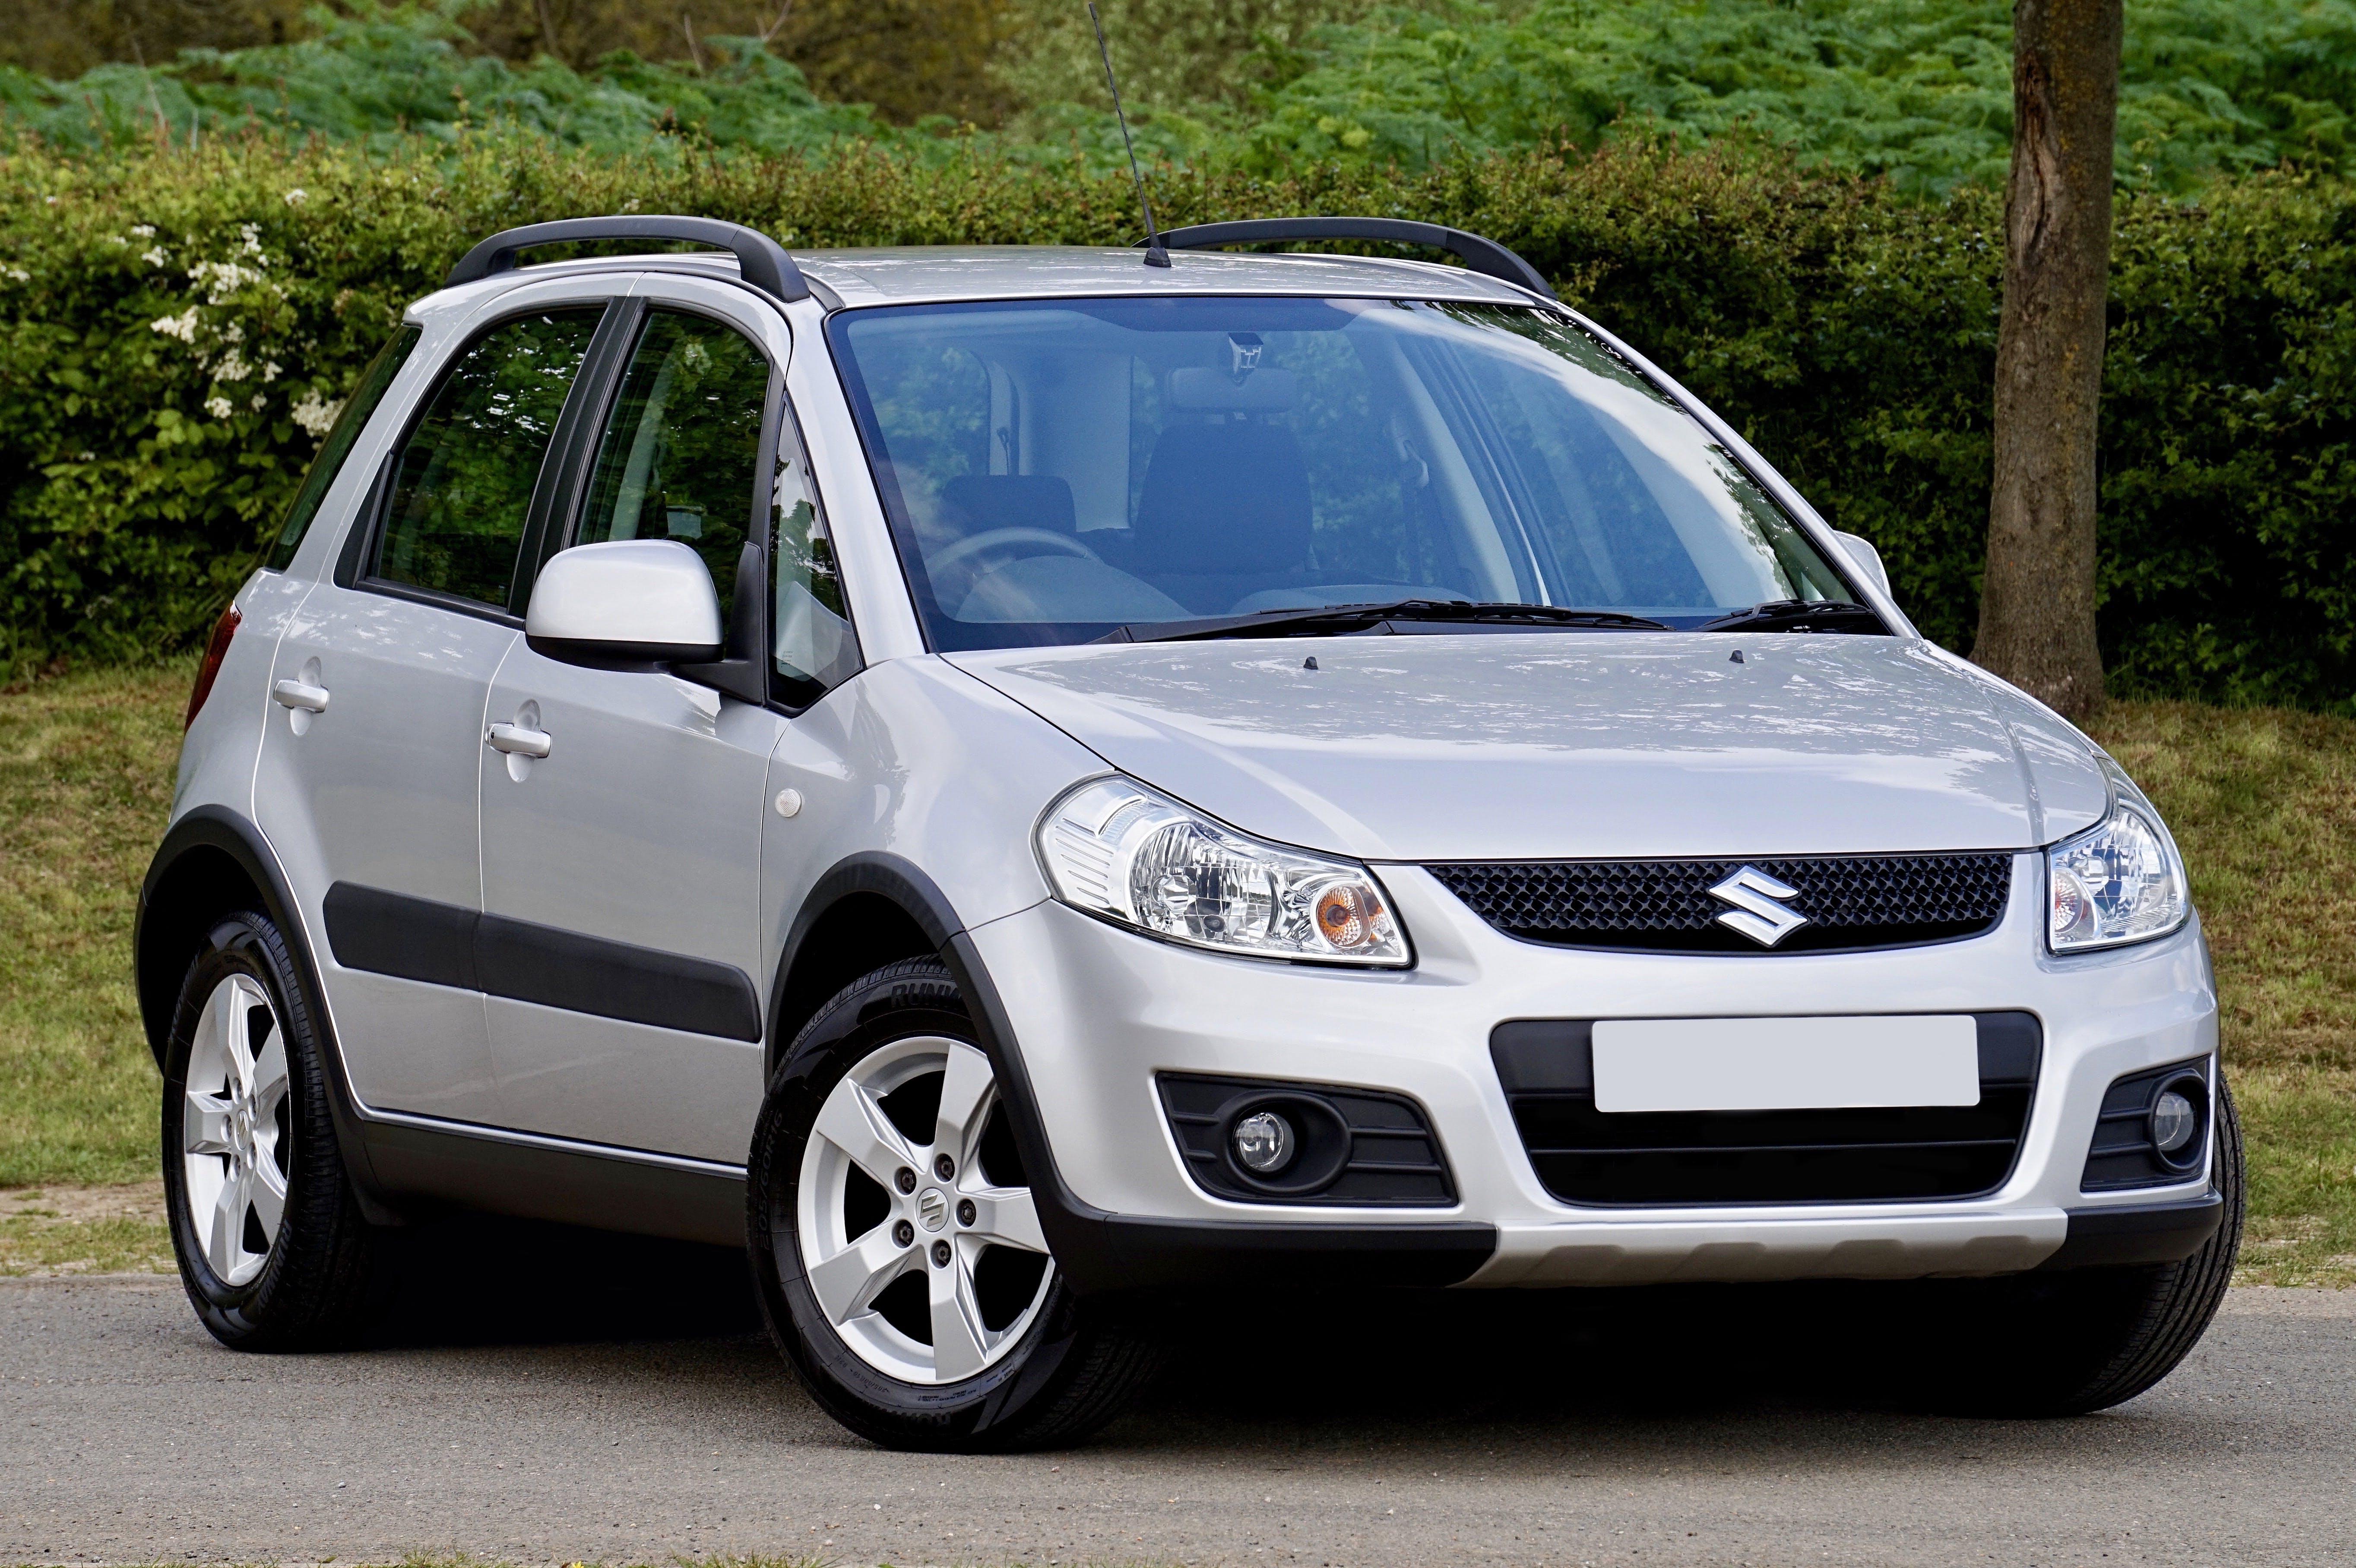 Foto d'estoc gratuïta de 4x4, cotxe, fotografia de vehicles, plata